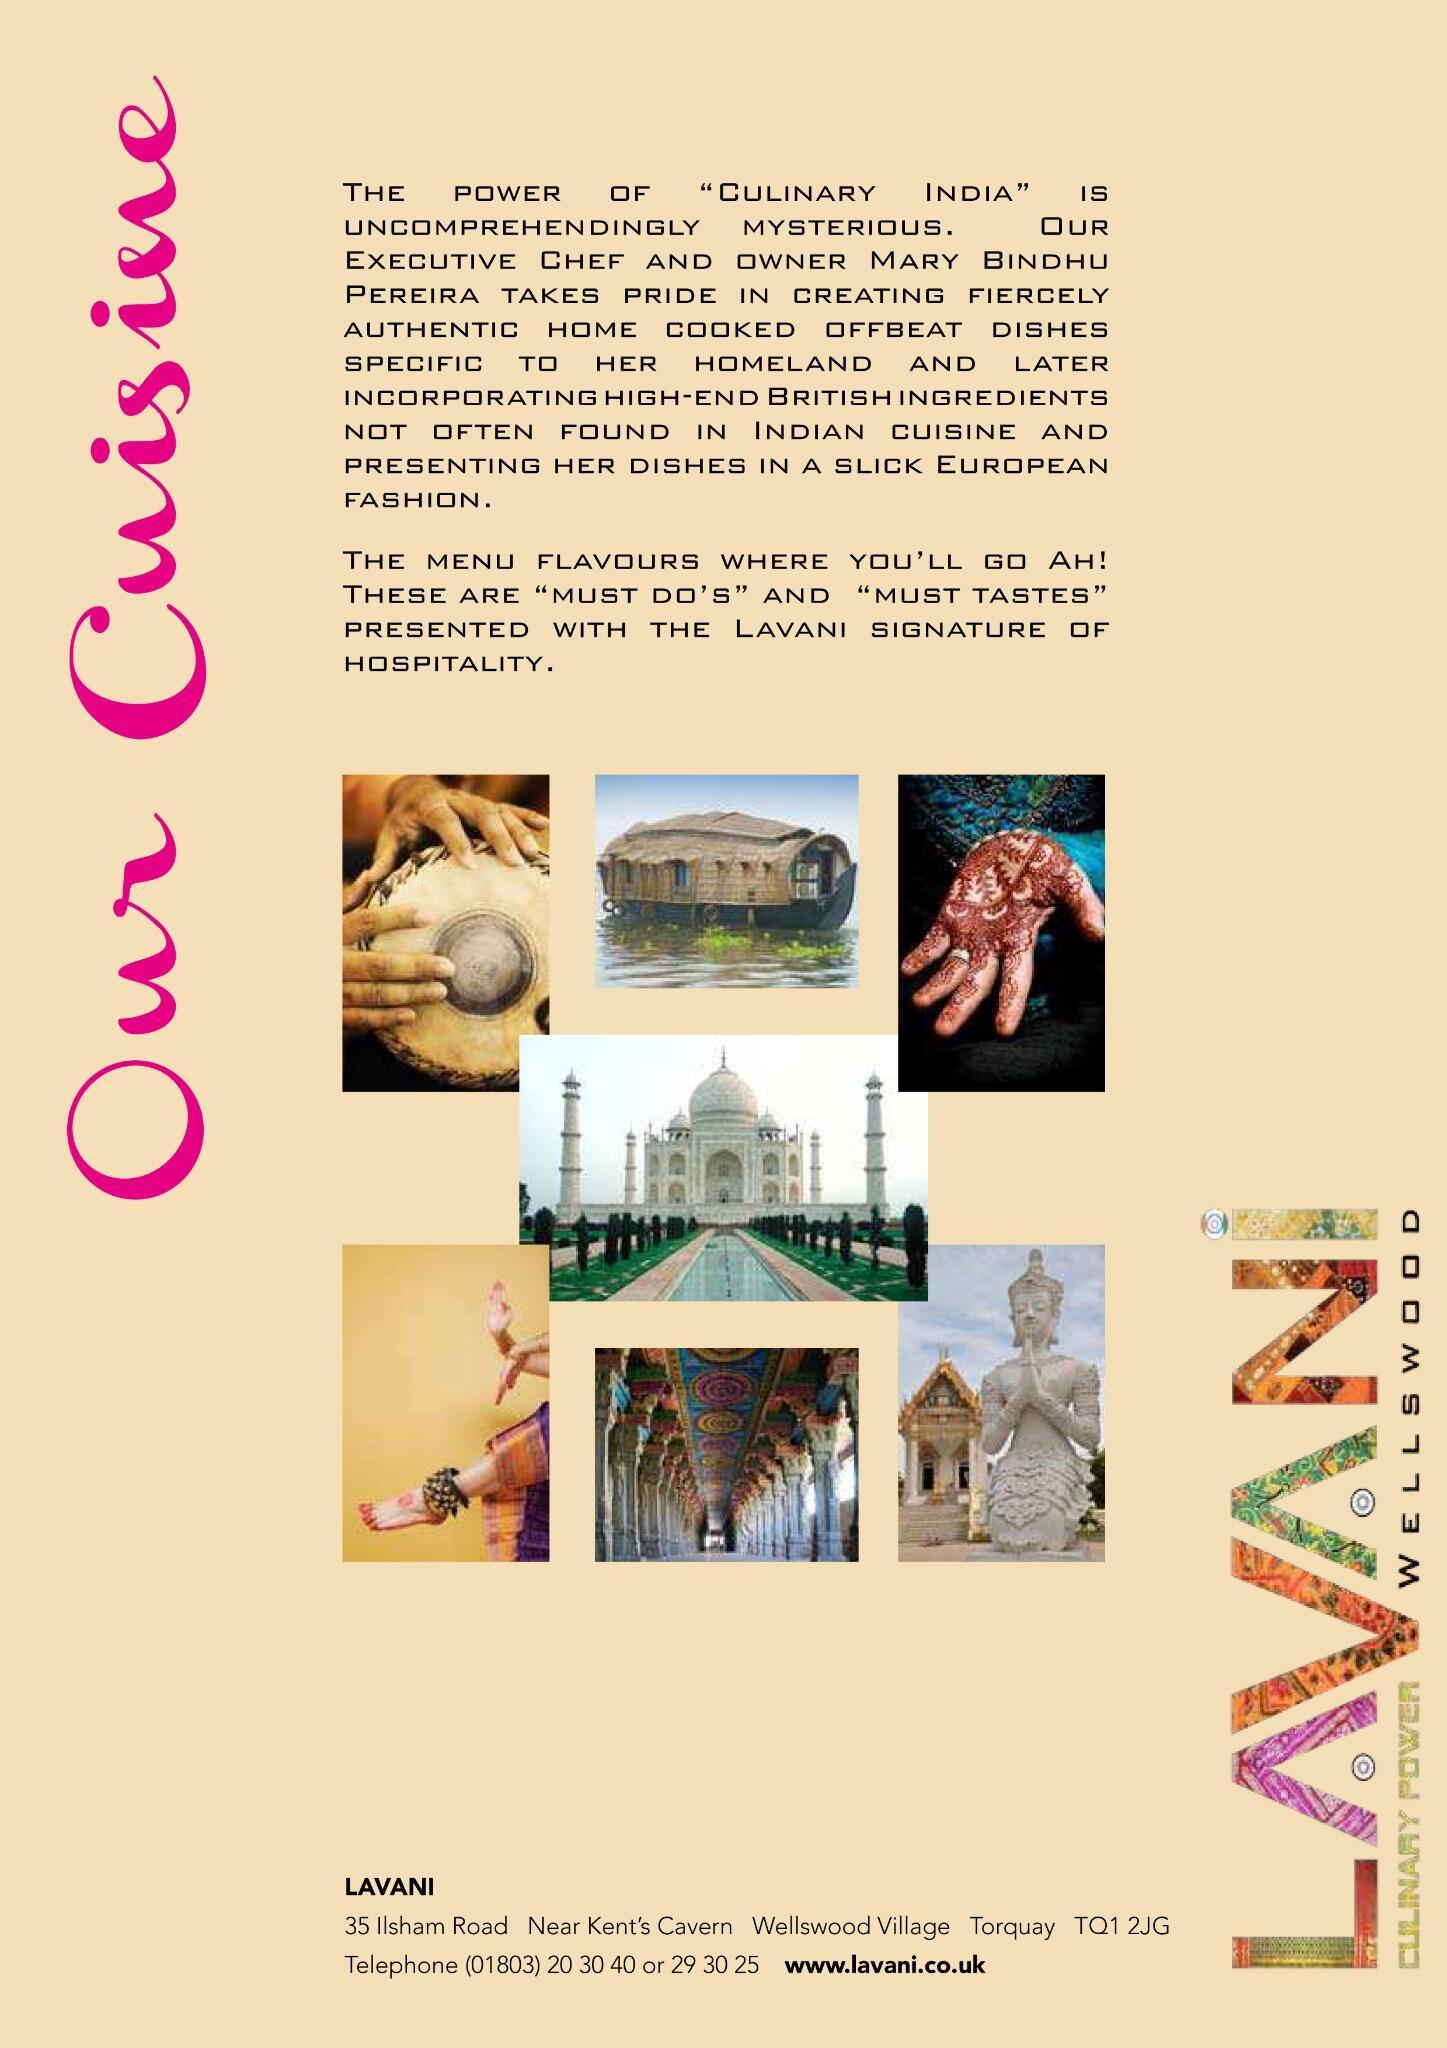 Lavani Menu-Our Cuisine-Our Passion! http://t.co/h5NDvLs84G